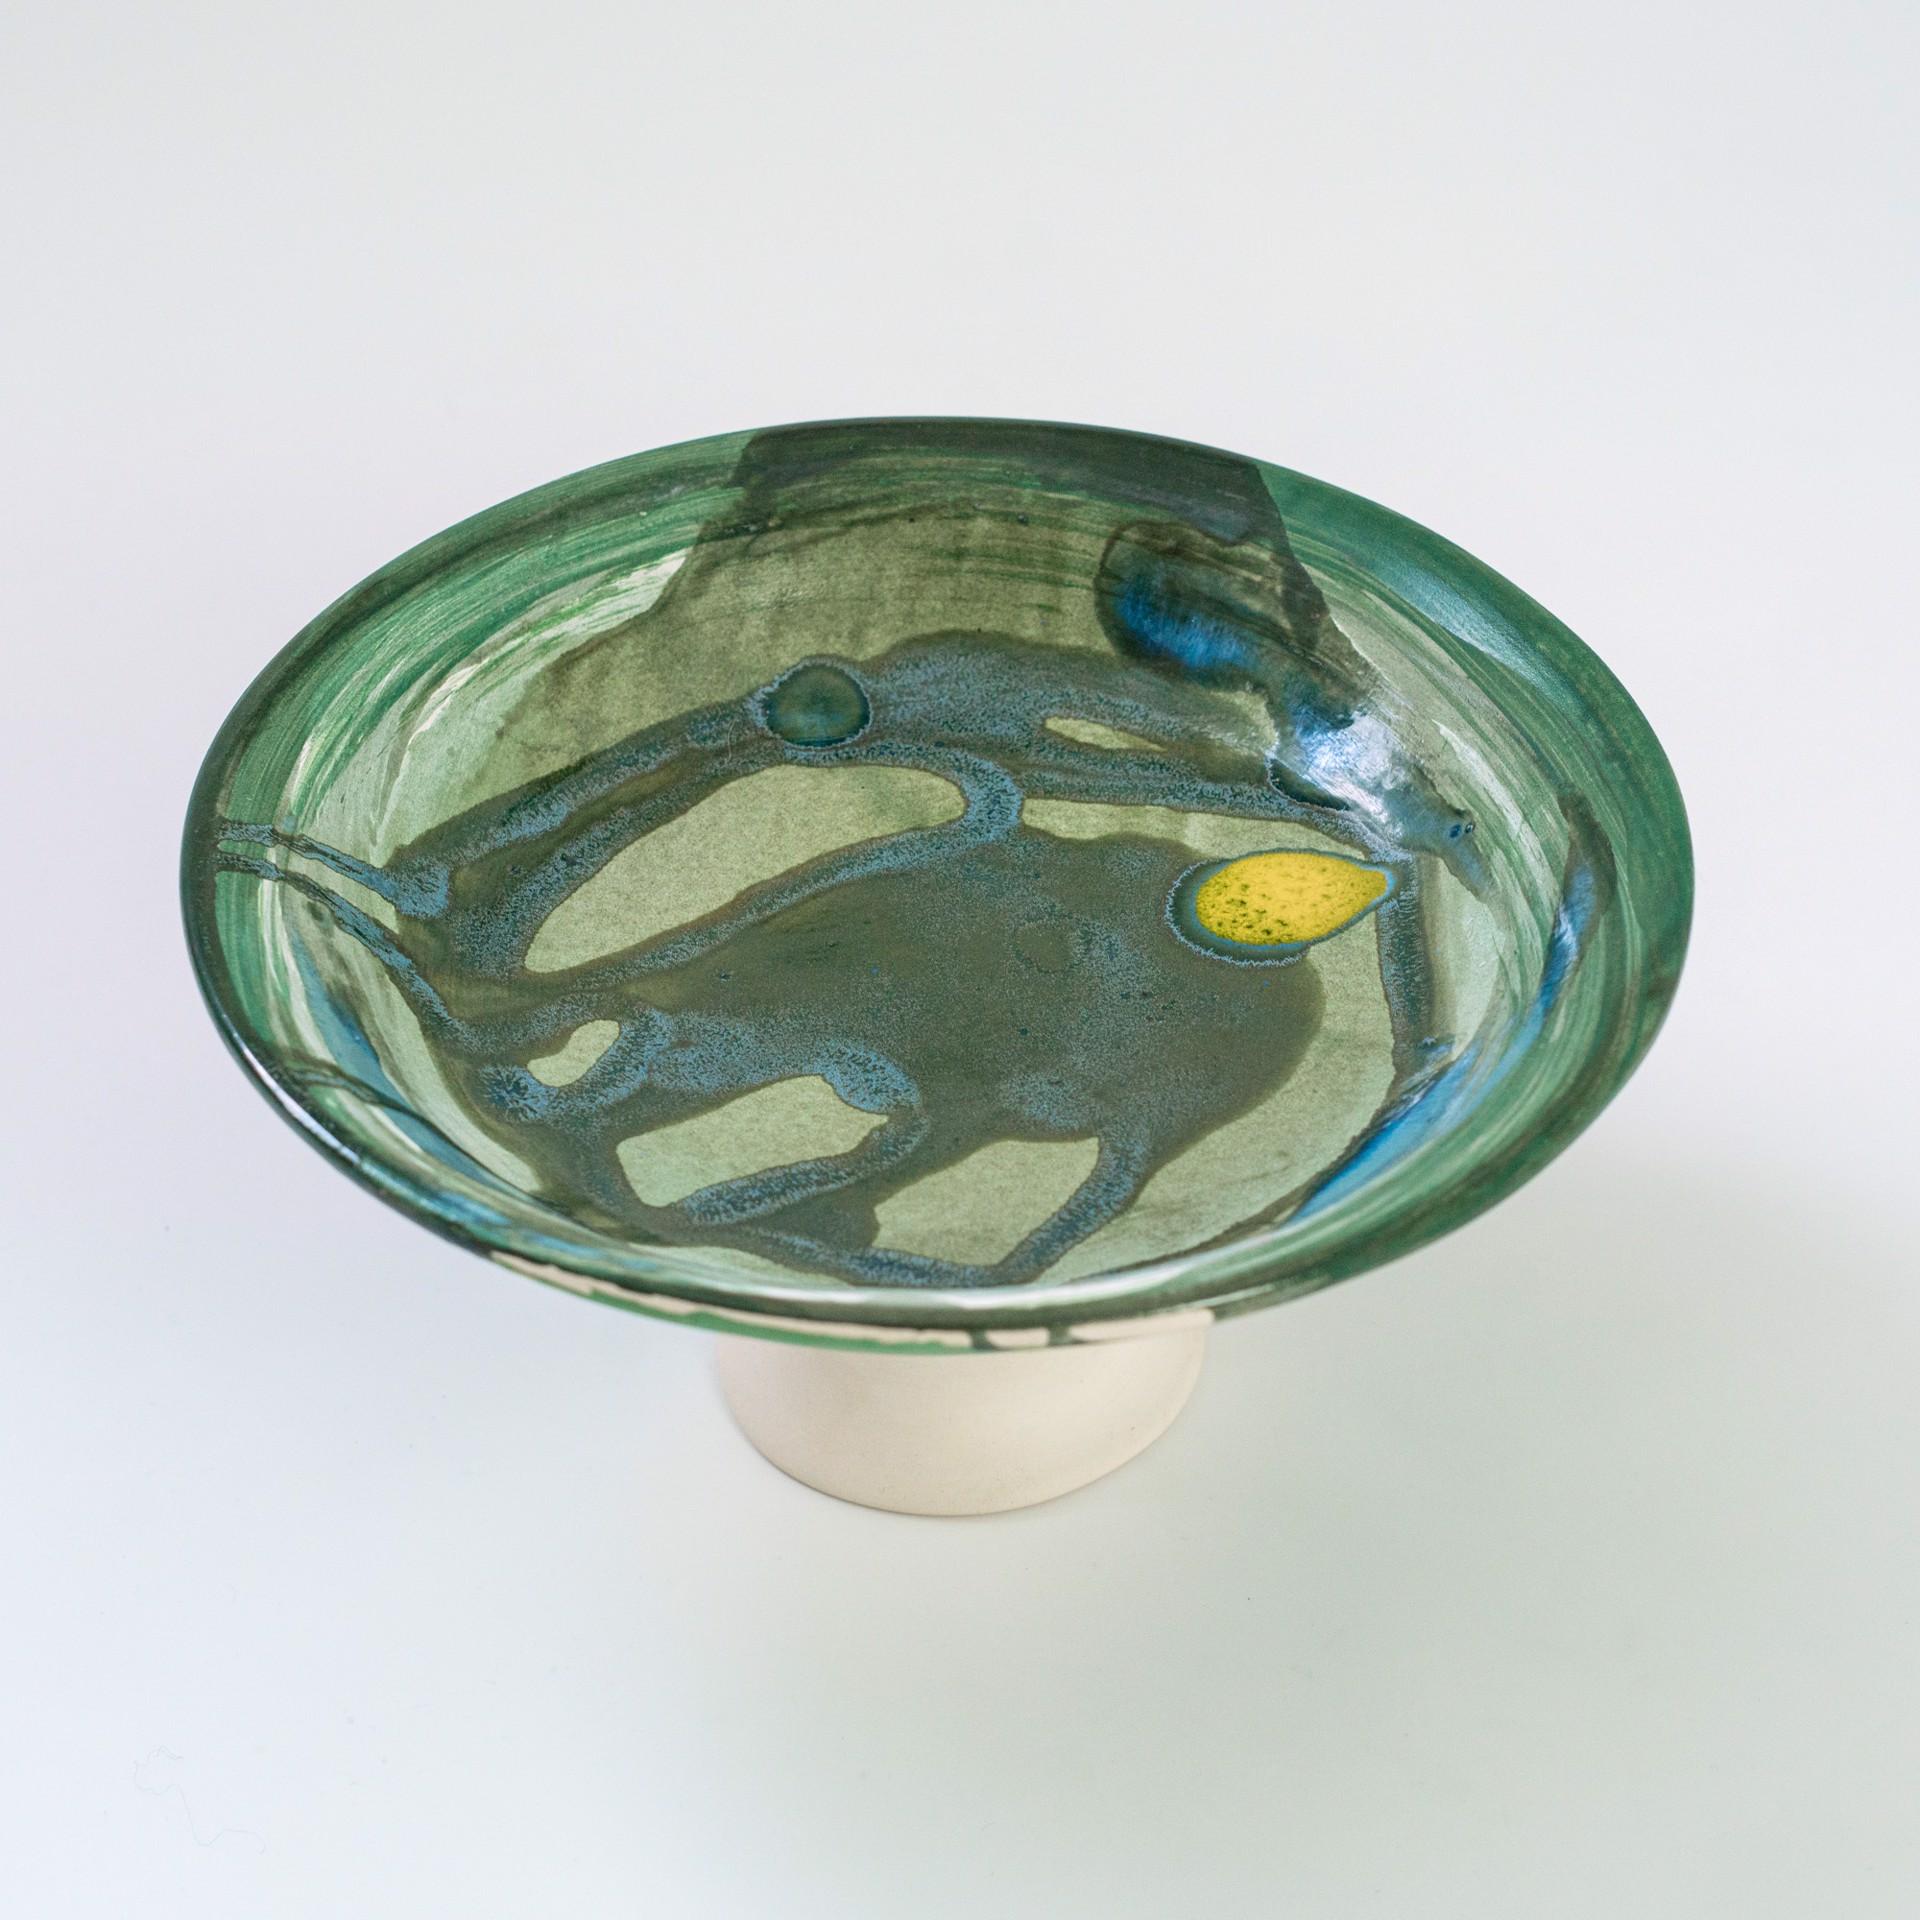 """Compotier """"Algues"""" by Claire de Lavallee"""